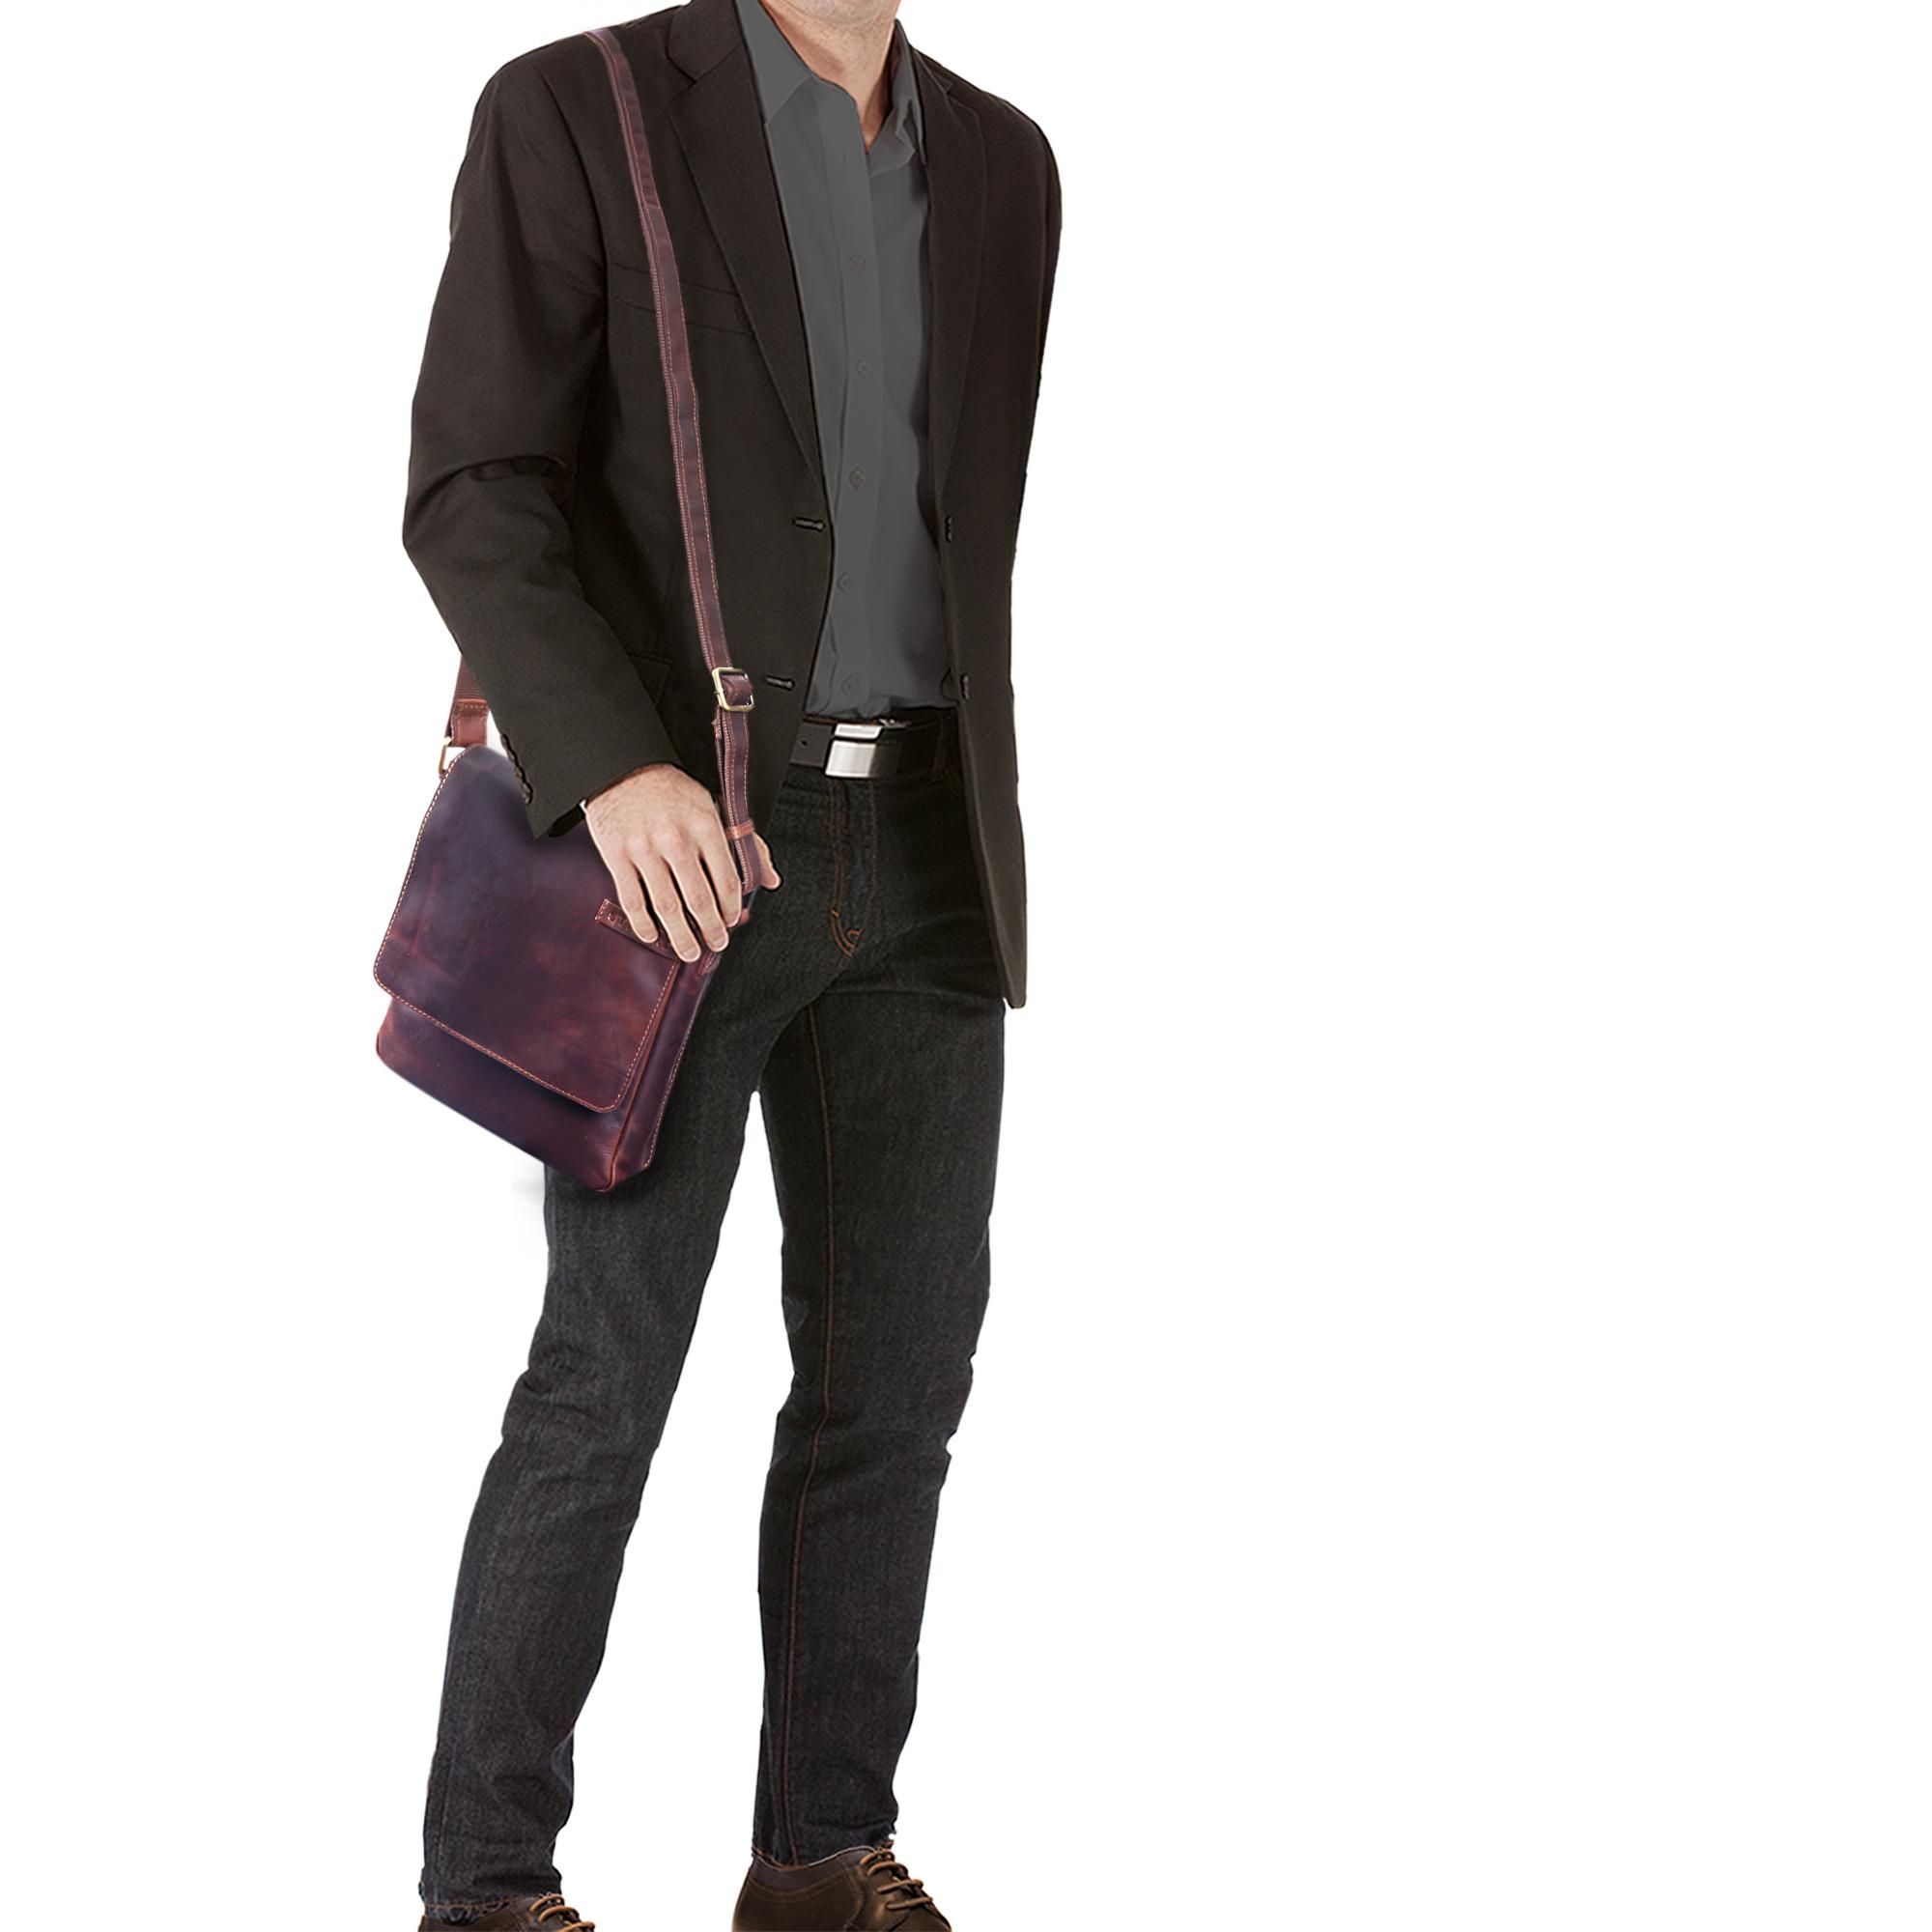 """STILORD """"Dario"""" Männer Umhängetasche Leder Vintage Messenger Bag für iPad 9,7 - 10,1 Zoll Tablettasche klein Schultertasche echtes Leder - Bild 9"""